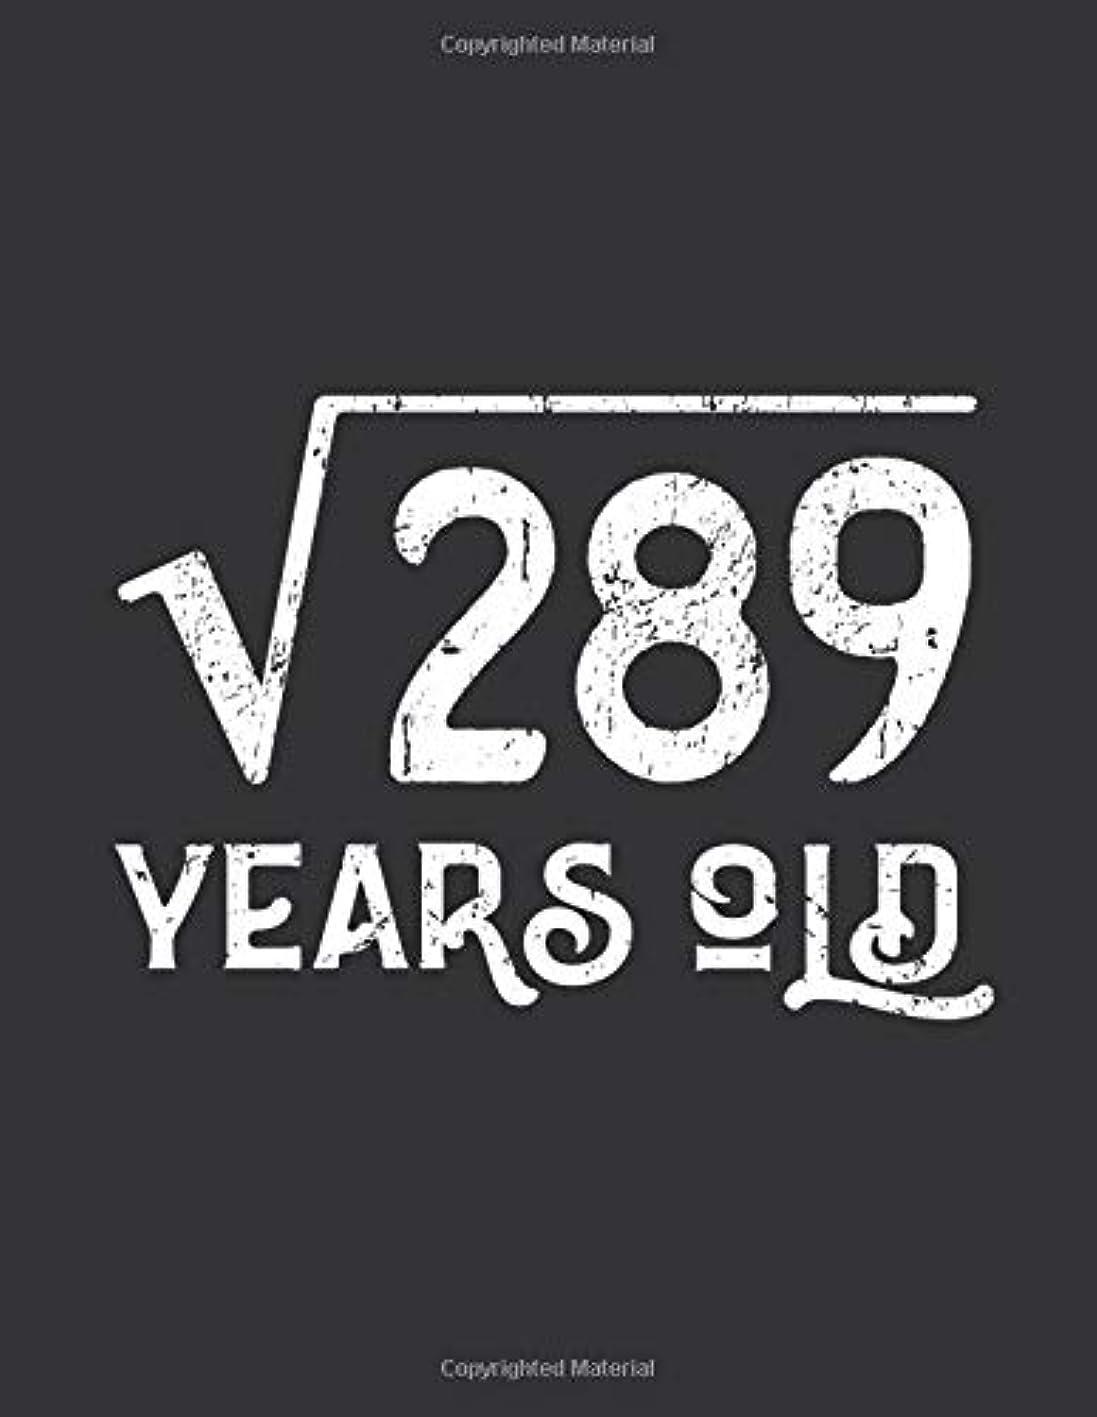 フルーティーエンティティ十Notebook: Square Root of 289: 17 Years Old 17th Birthday Journal & Doodle Diary; 120 College Ruled Pages for Writing and Drawing - 8.5x11 in.